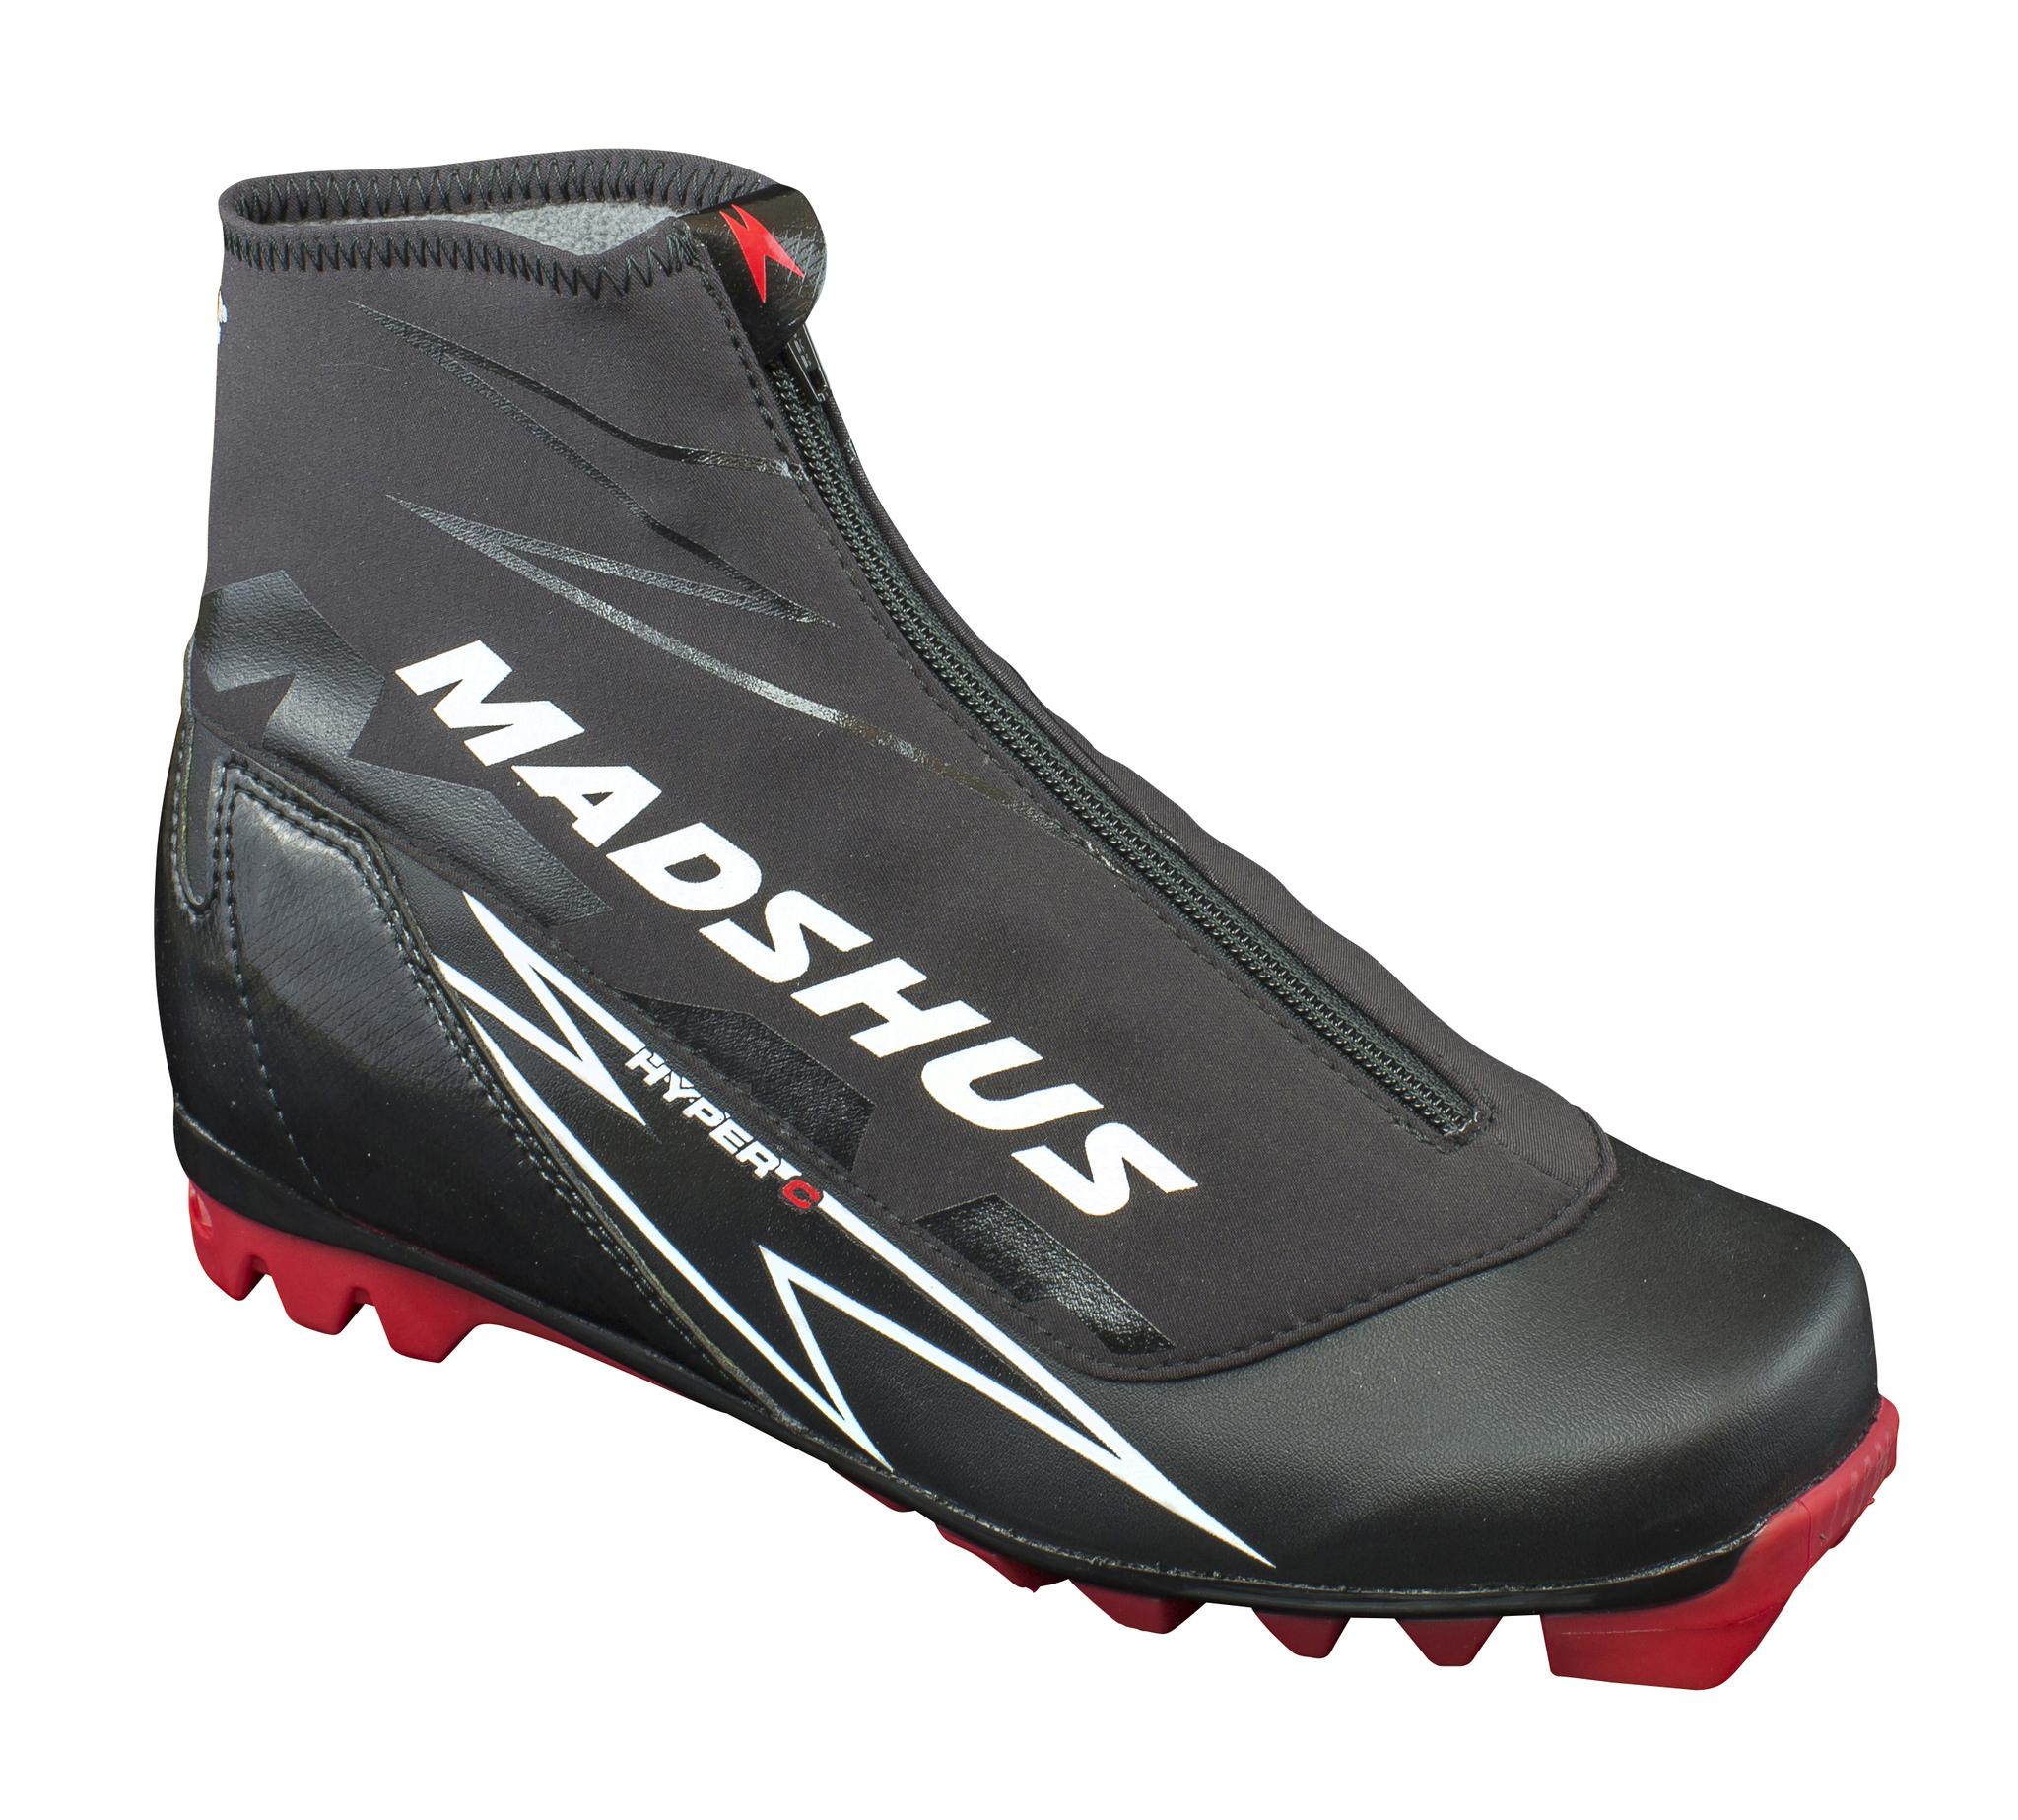 Ботинки лыжные Madshus Hyper C